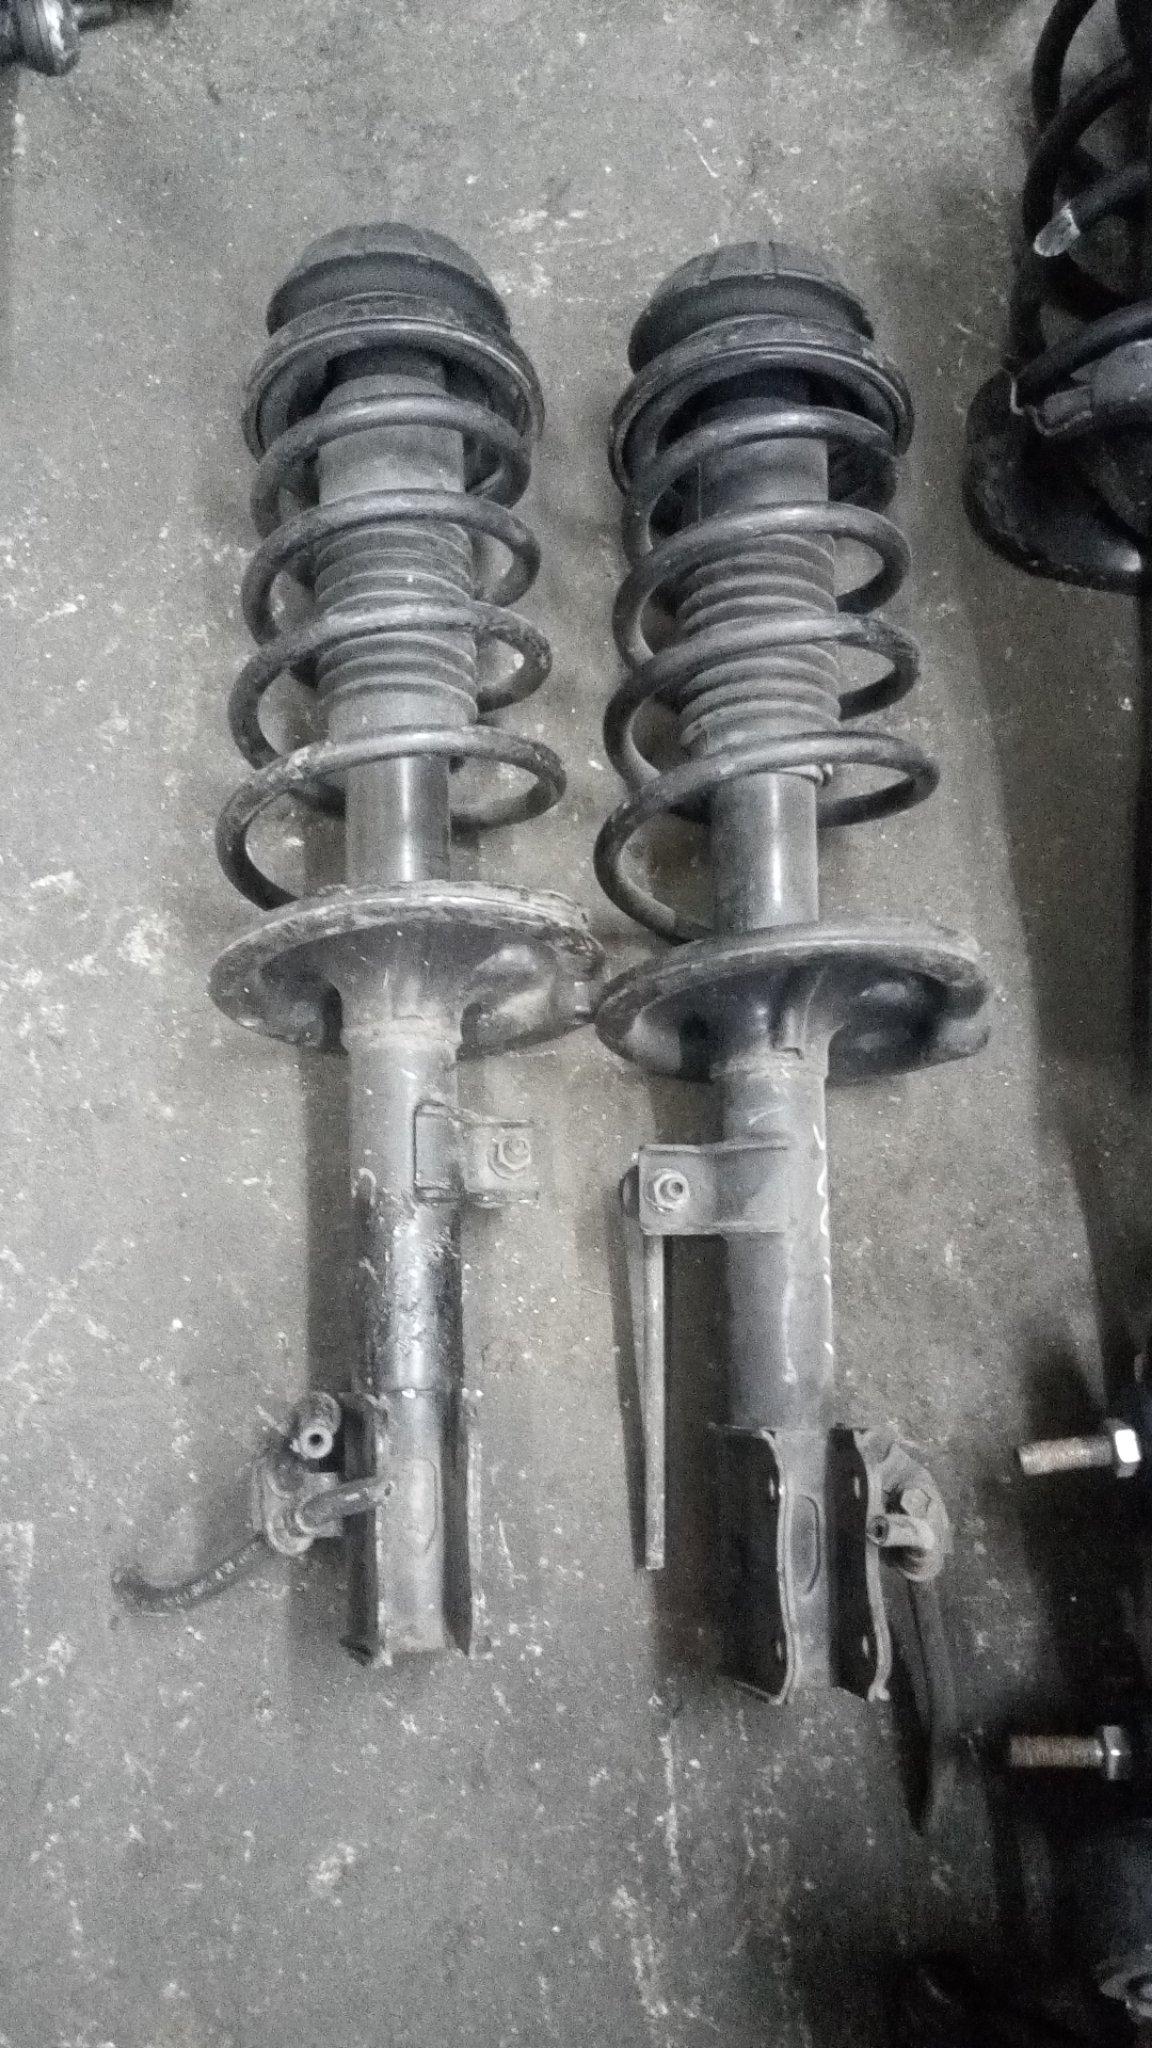 Suzuki swift front shocks 01338